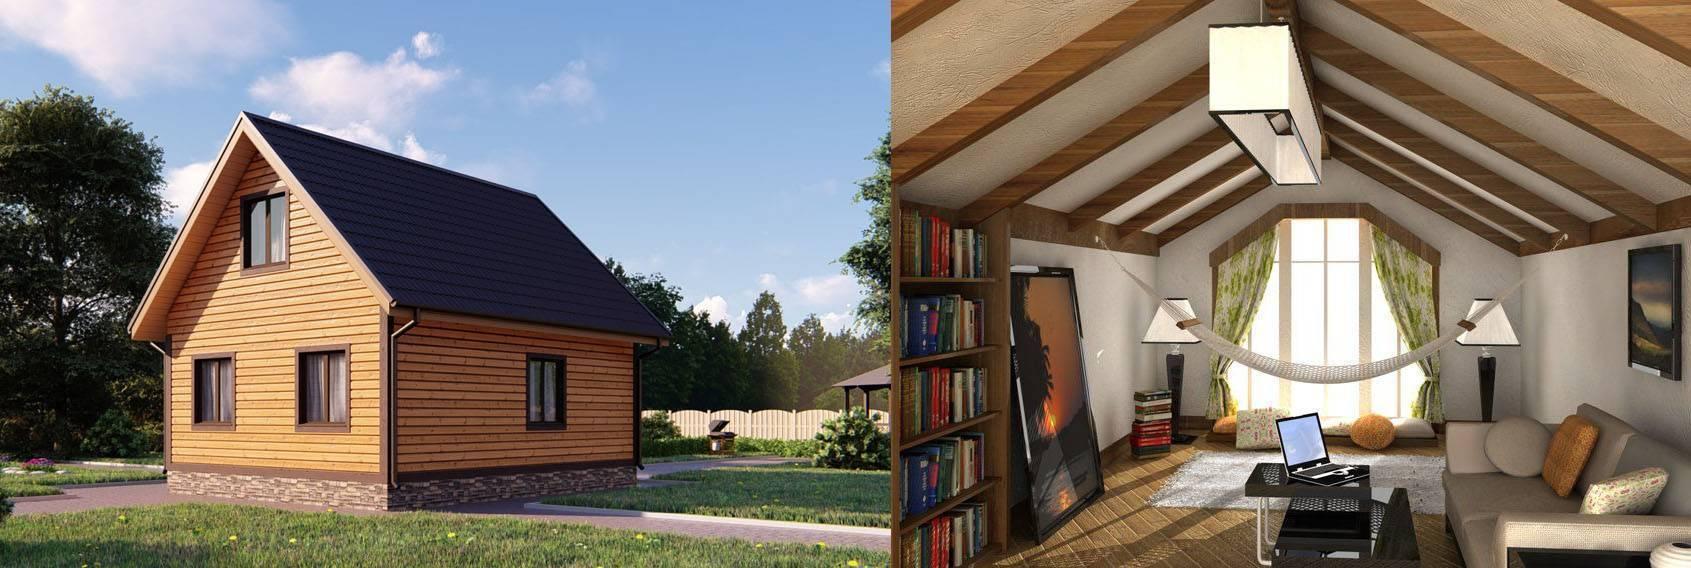 Чертежи одноэтажного дома с мансардой: скачать бесплатно 65 лучших проектов